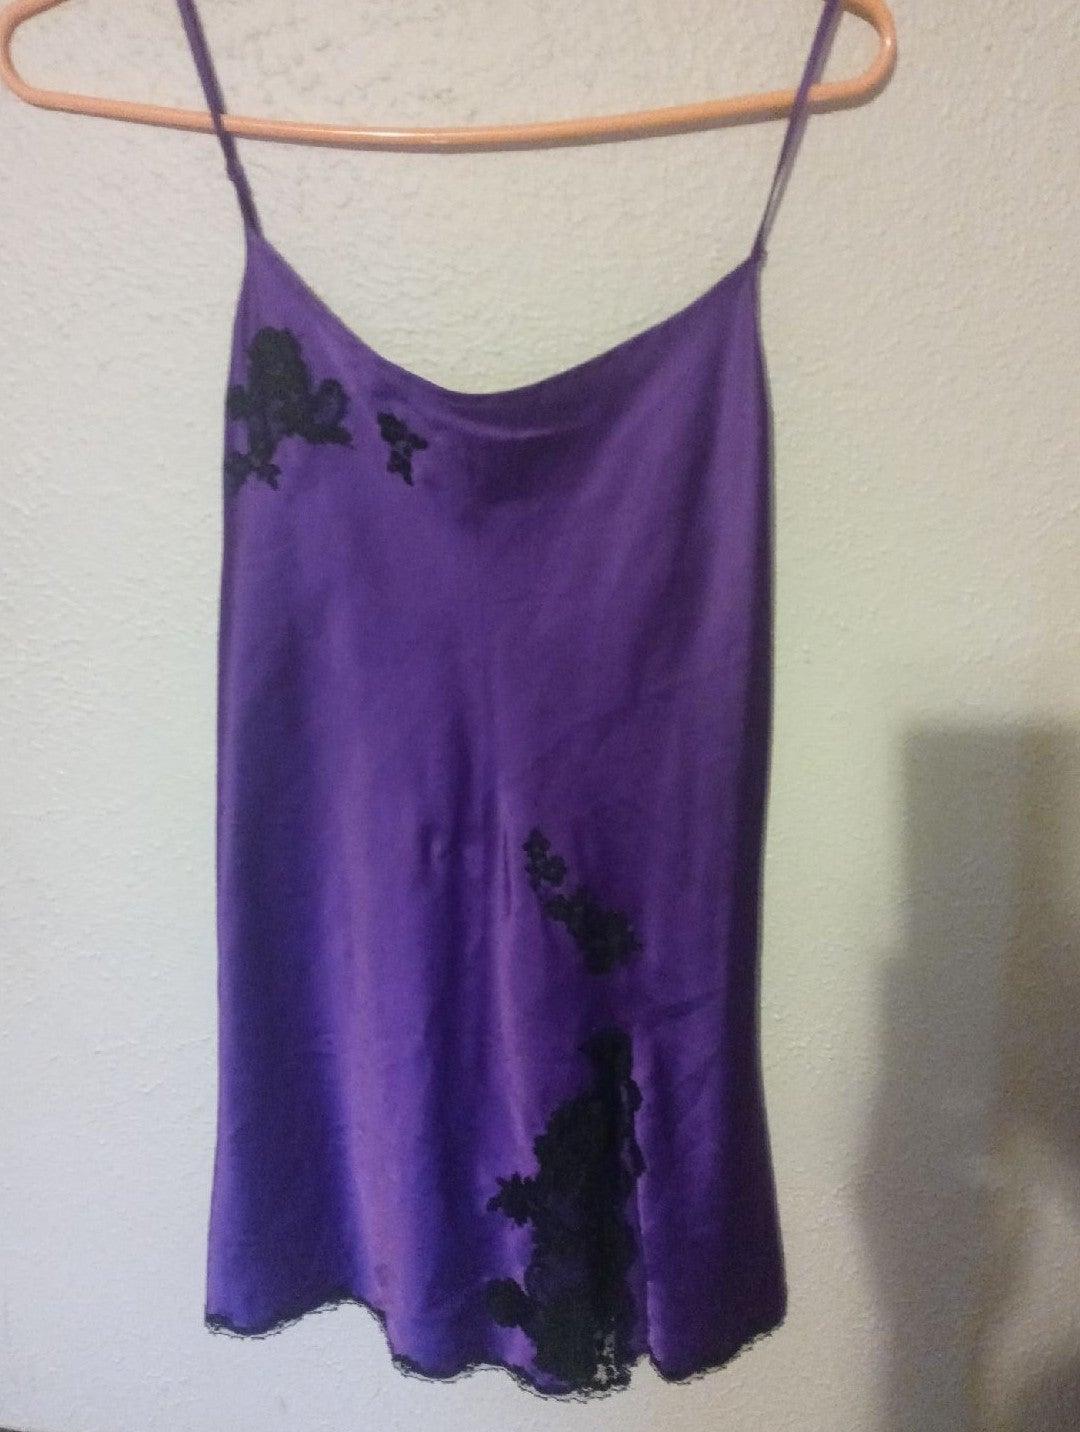 Victorias secret slip night gown